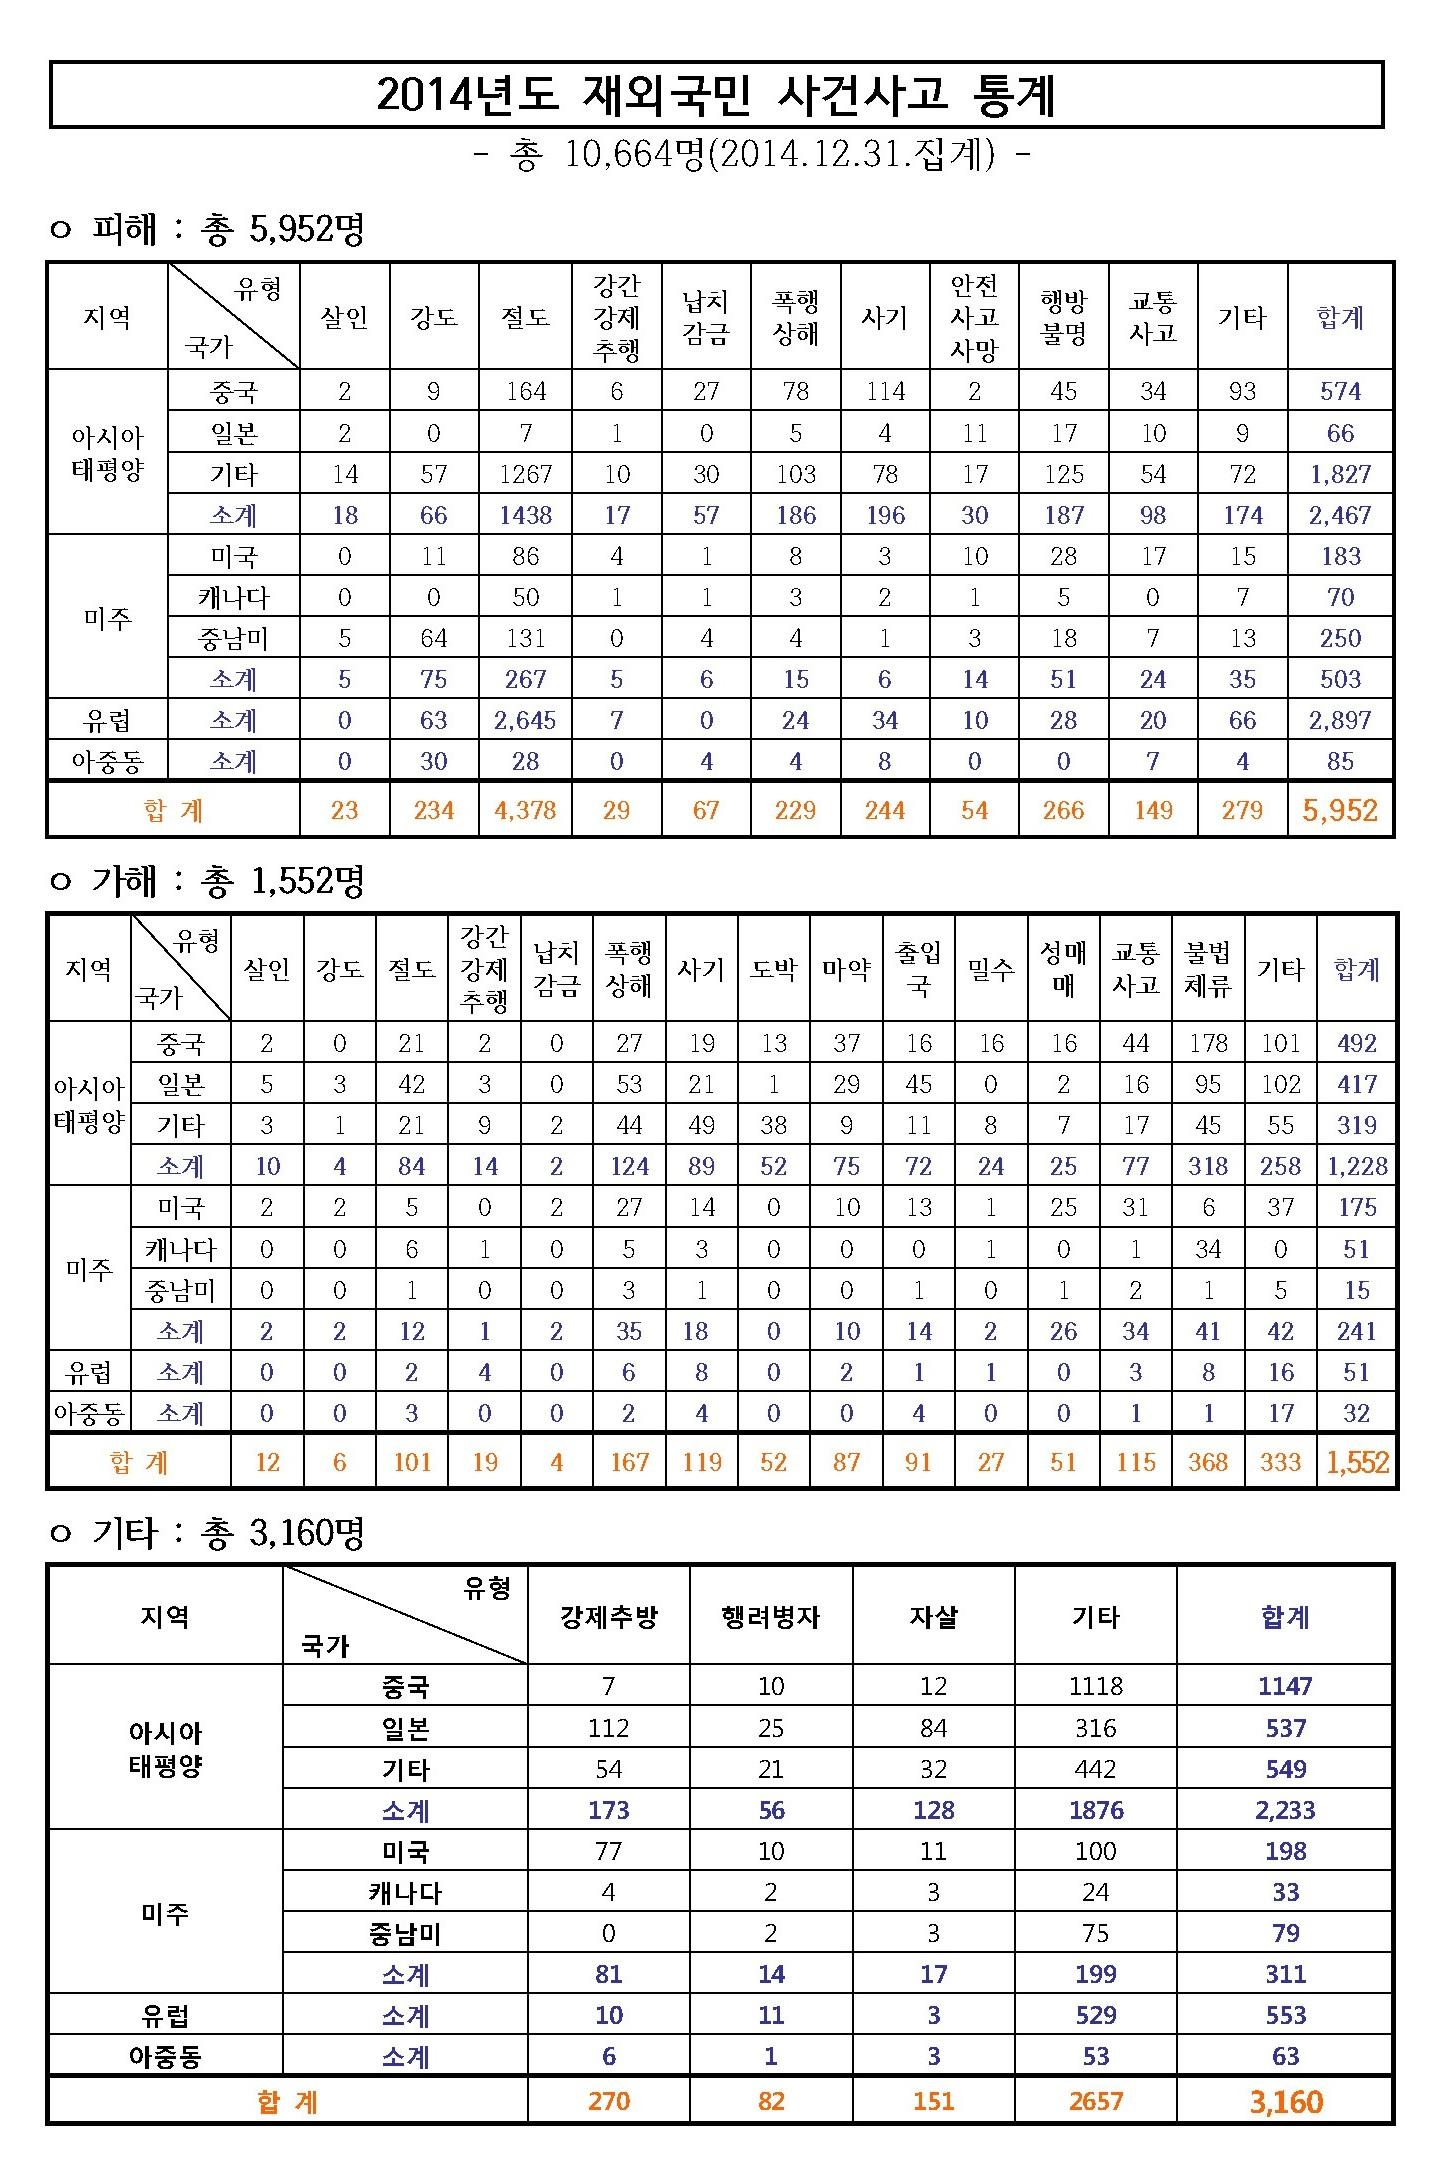 2014년도 재외국민 사건사고 통계